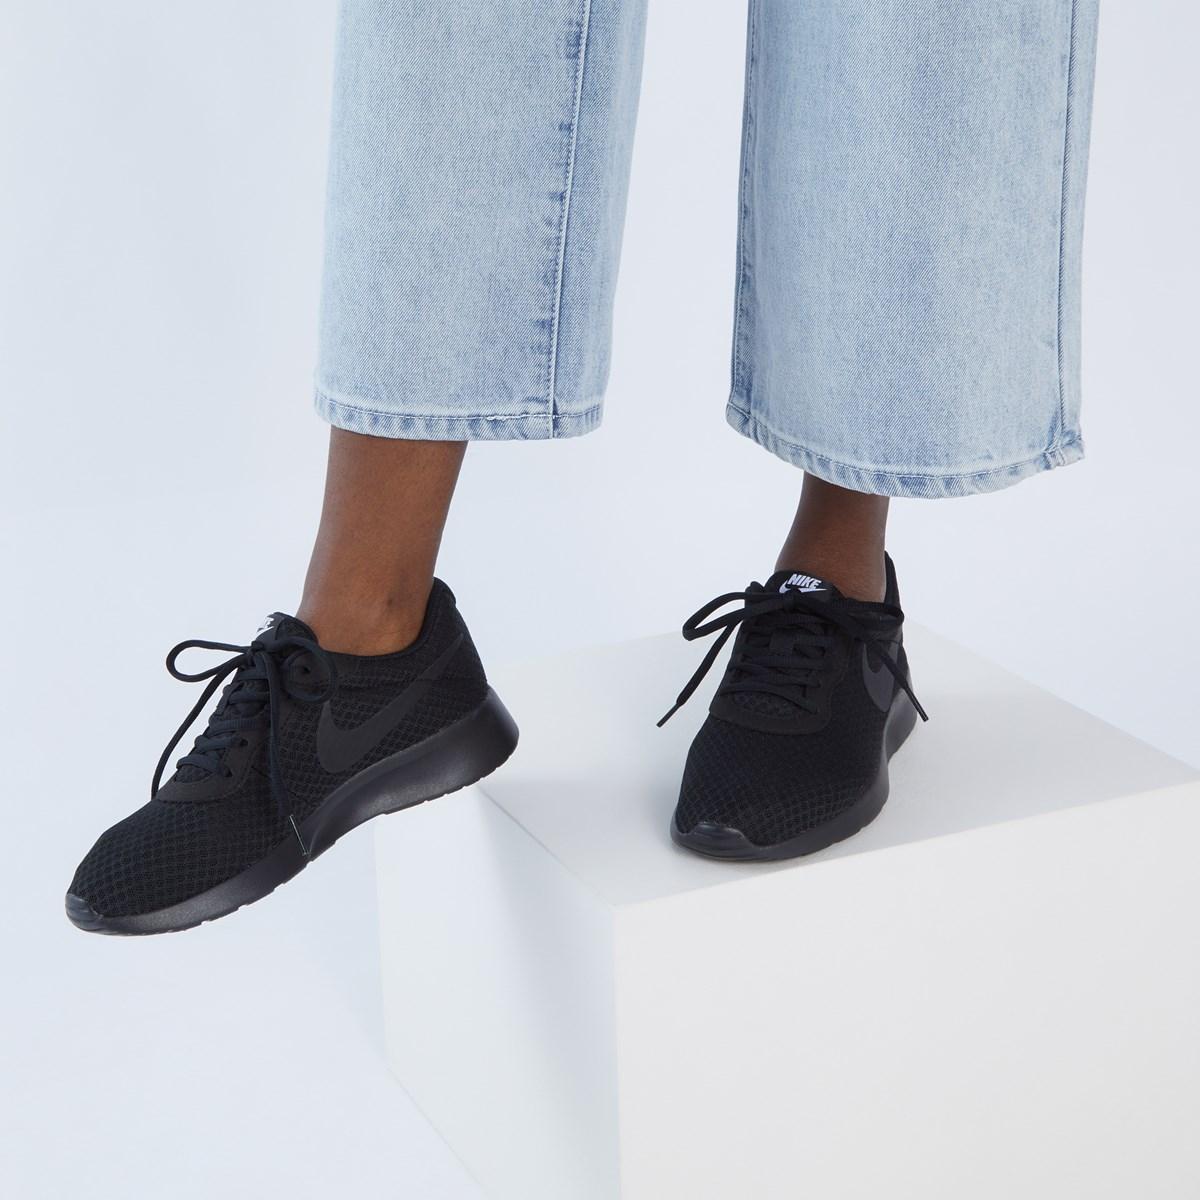 Women's Tanjun Sneakers in Black